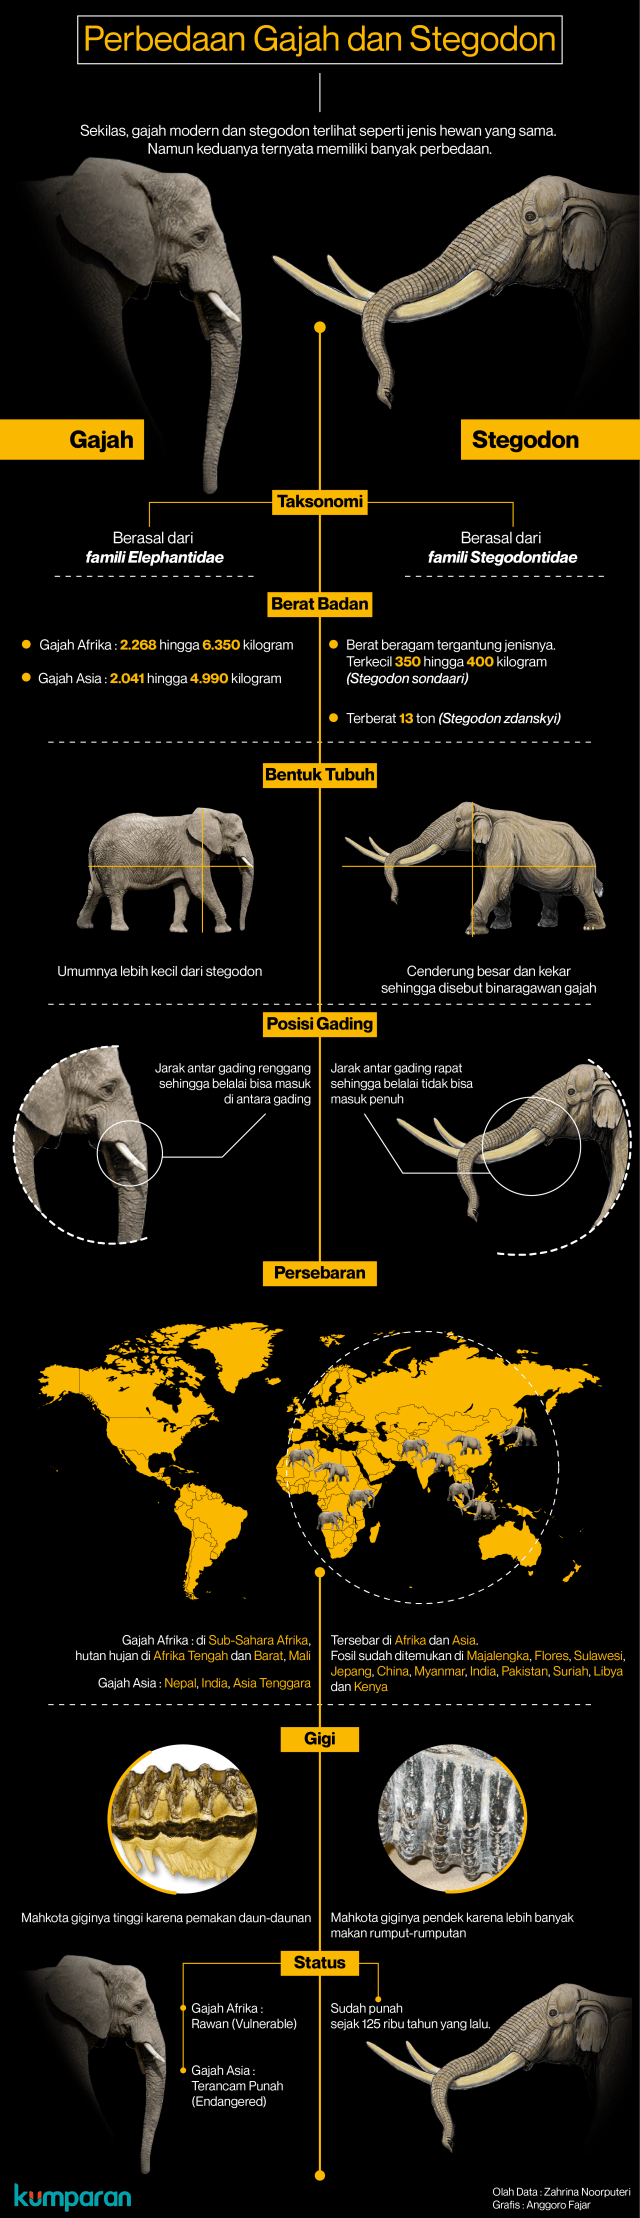 Memahami Perbedaan Gajah Modern dan Stegodon (62799)